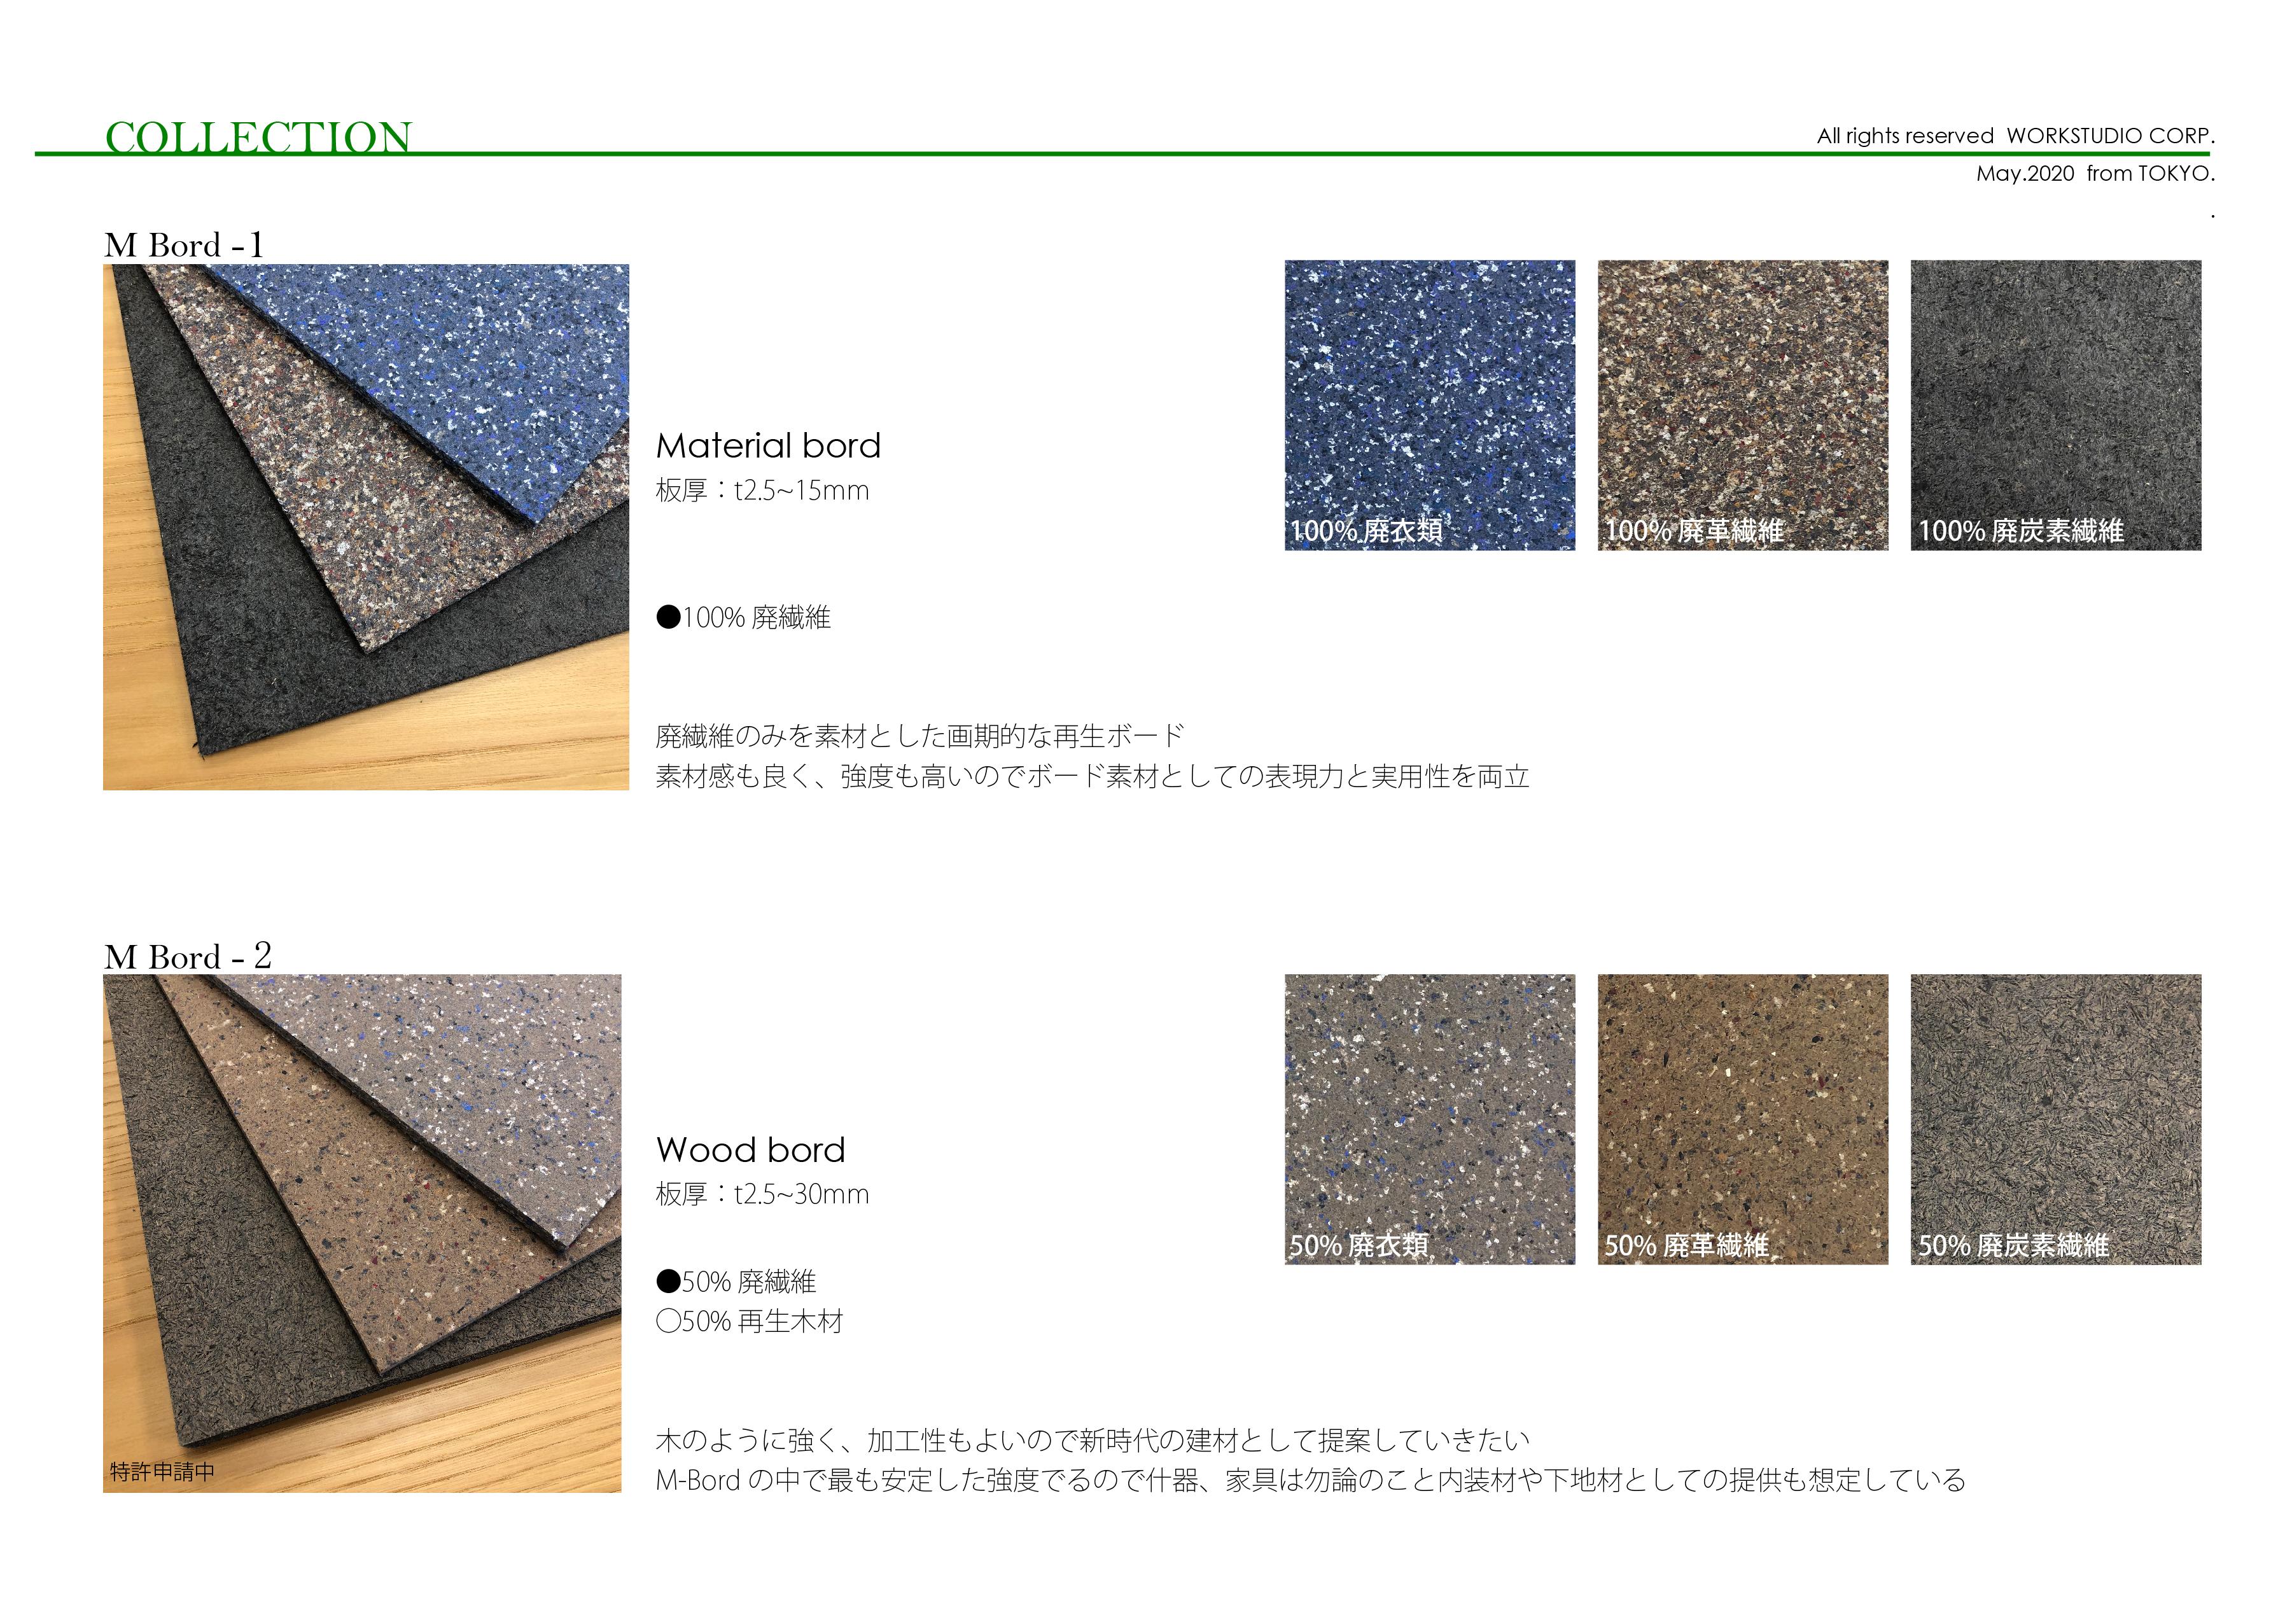 【 アパレル廃棄衣類の回収 】回収したアパレル廃棄衣類からボード(板)をつくるサスティナブルプロジェ... 画像